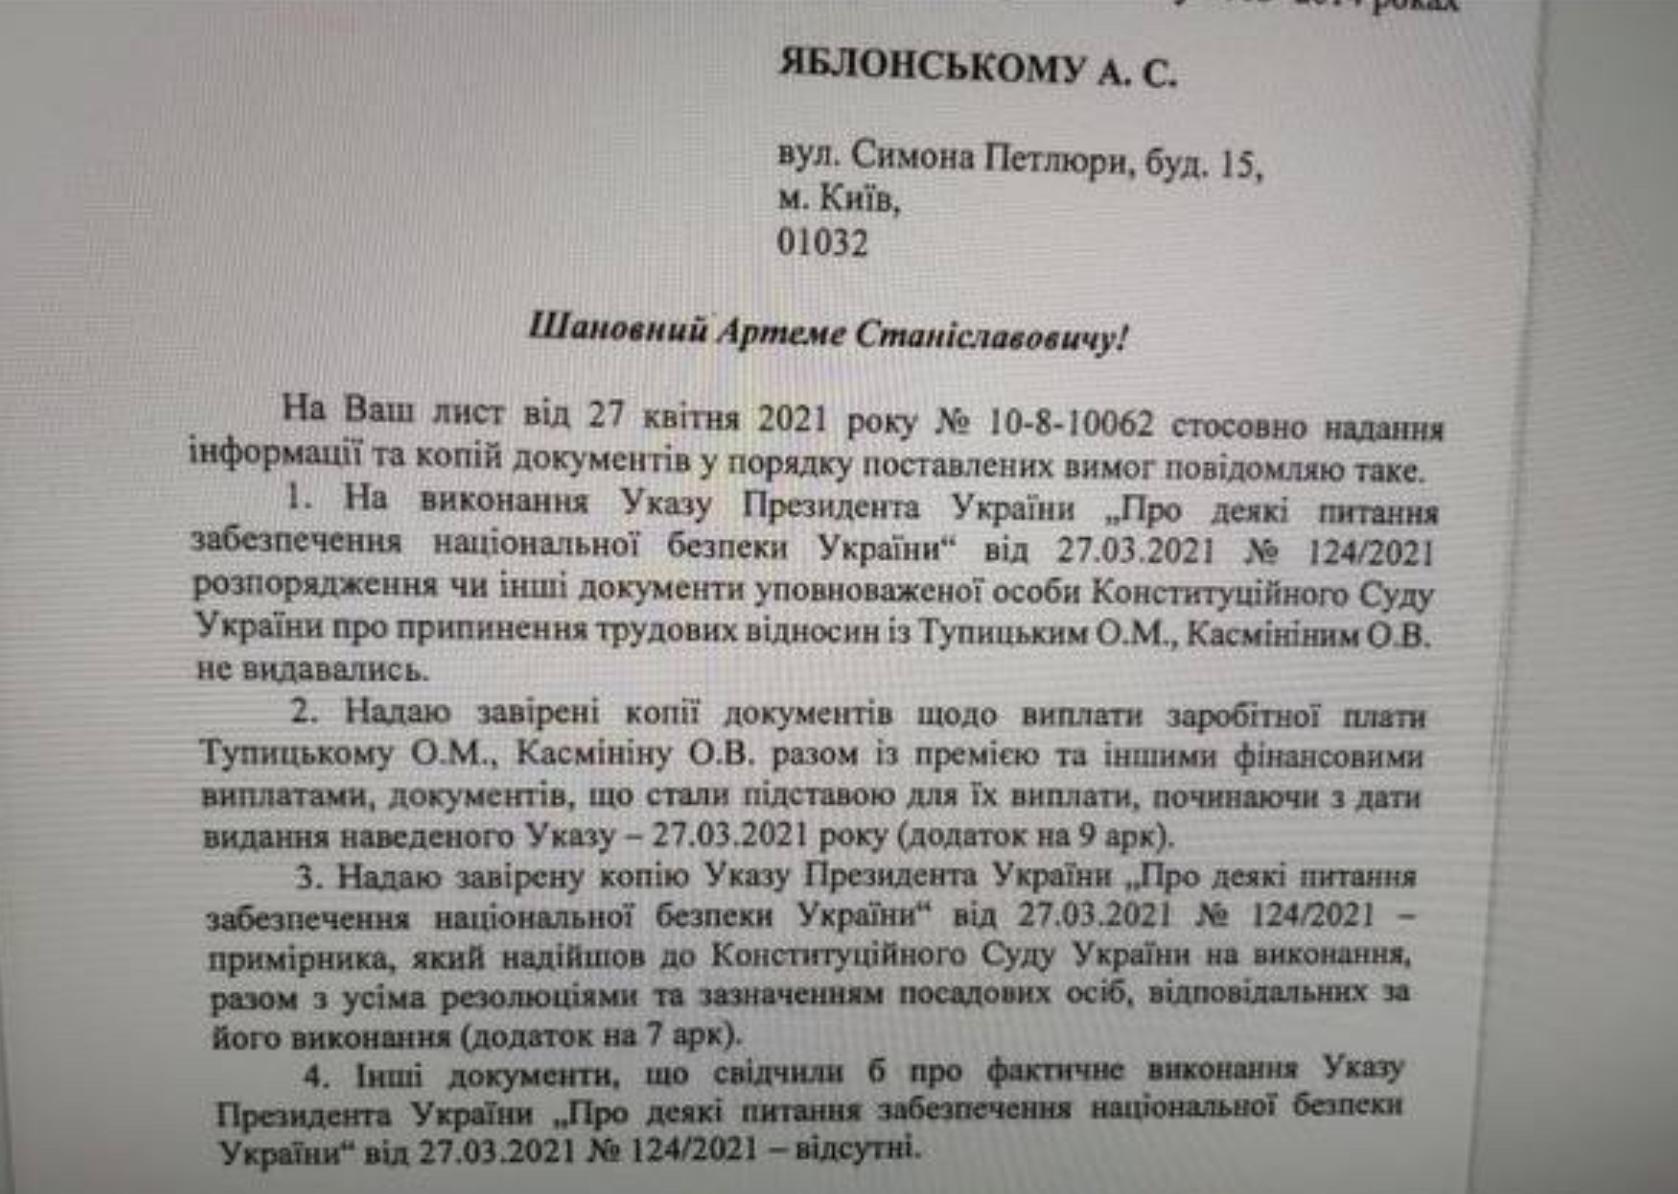 Головатий відповів ДБР: Тупицький все ще числиться суддею й отримує зарплату